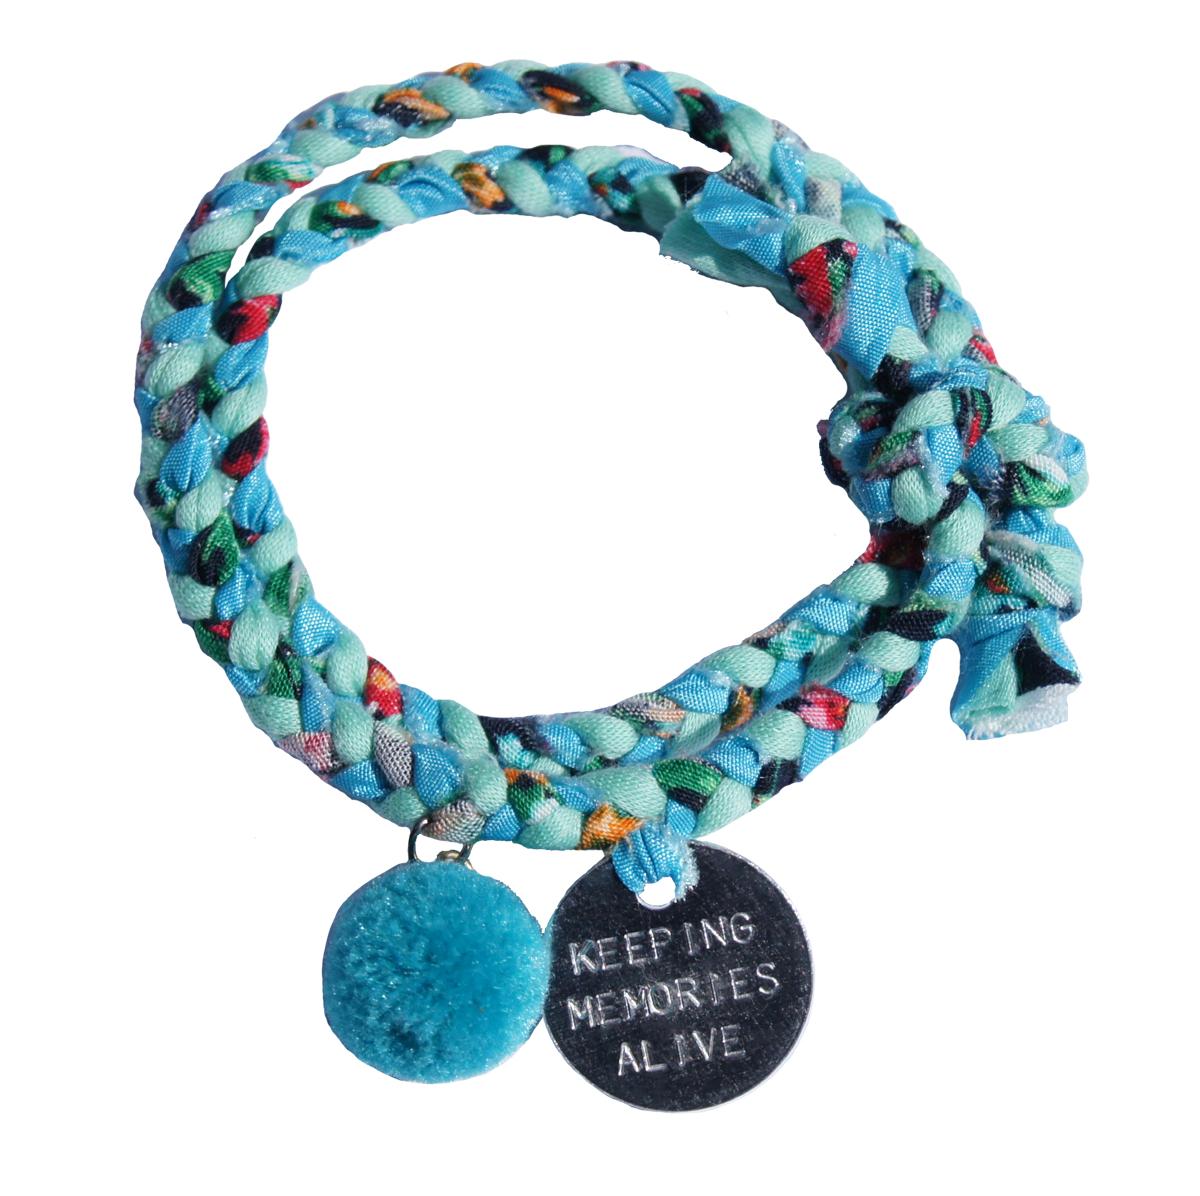 Nachhaltige Boho-Armbänder zum Valentinstag: SYLT-BOHEME schafft Erinnerungen und persönliche Note